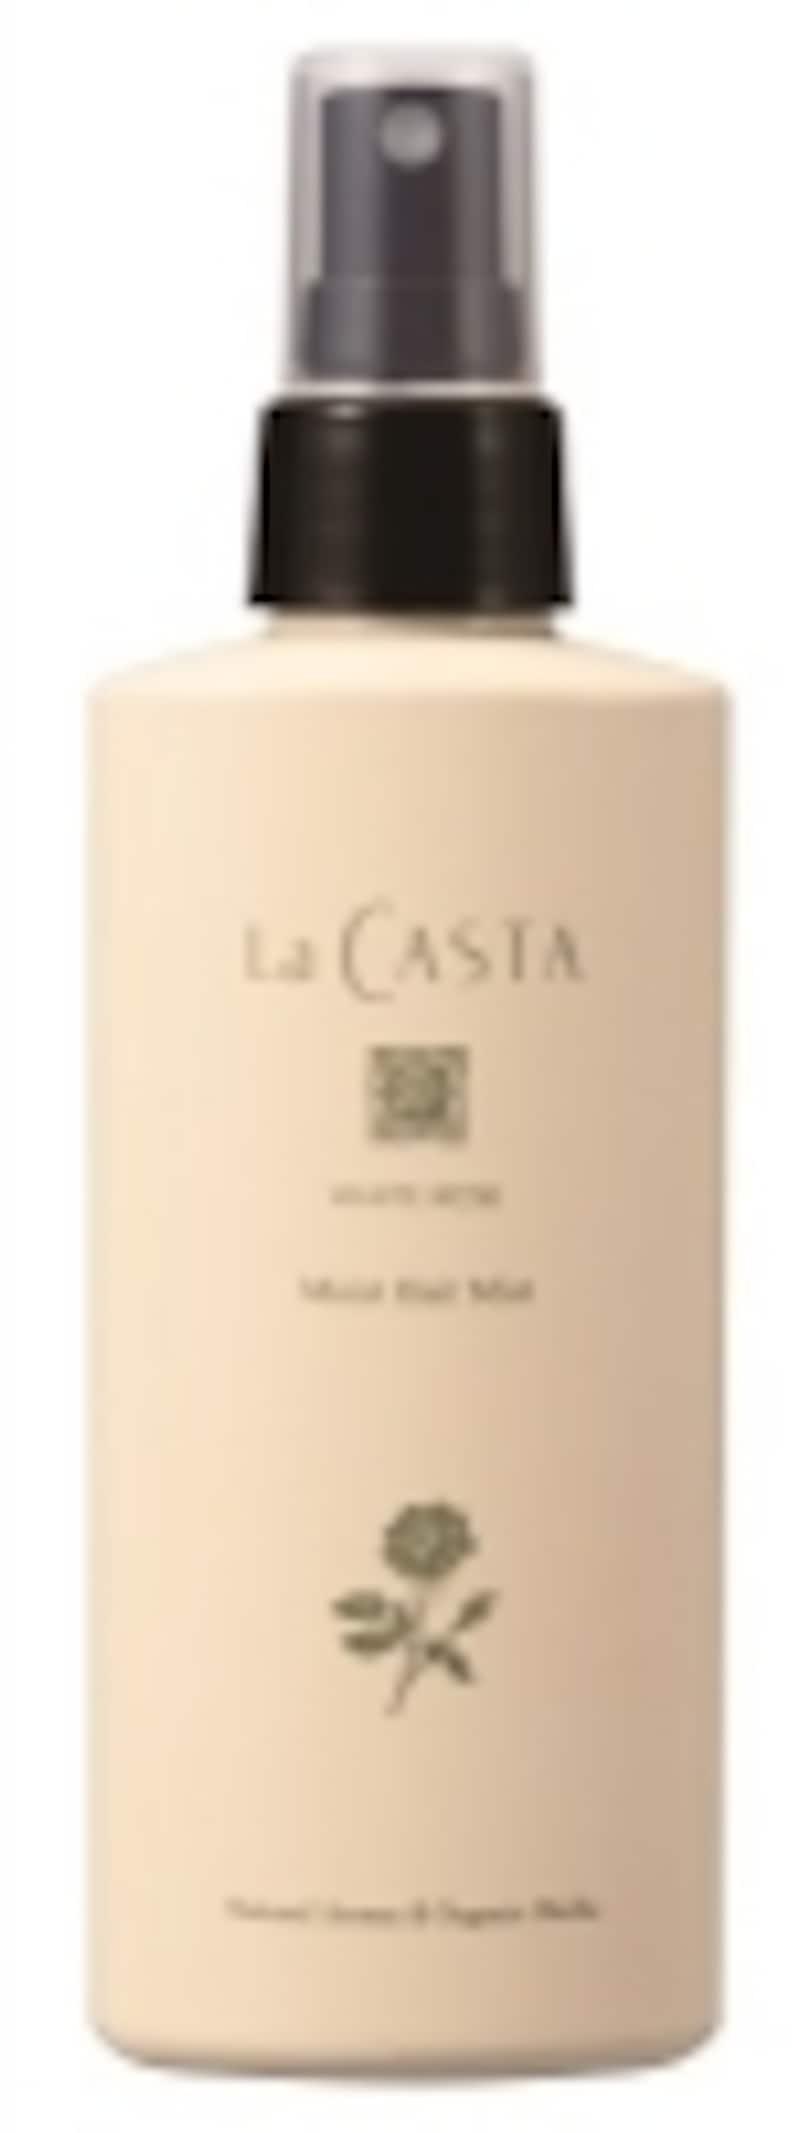 ラ・カスタundefinedホワイトローズundefinedモイストヘアミスト(ヘアウォーター)容量:150mlundefined1,944円(税込)